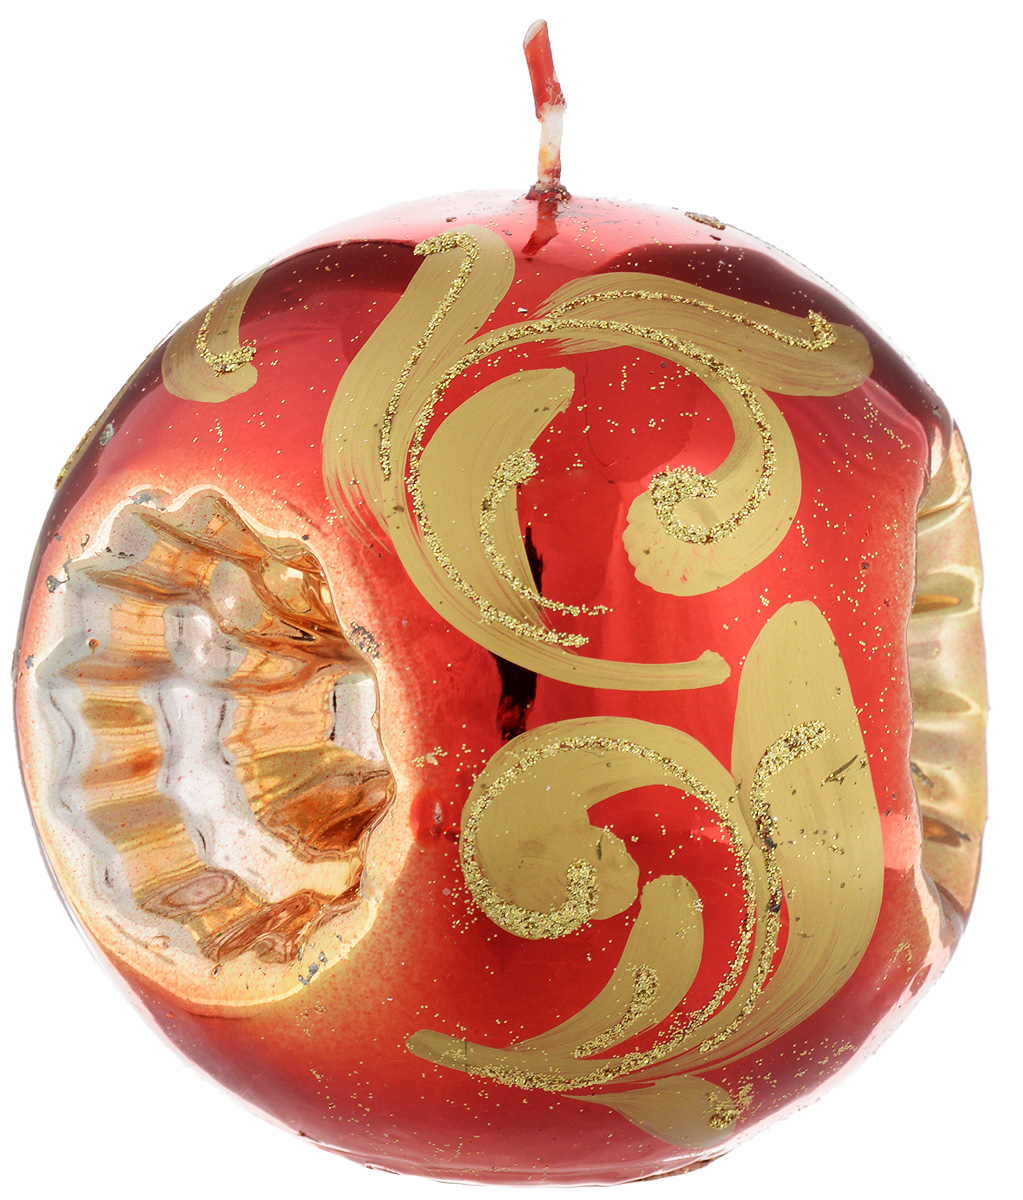 Свеча-шар Fem Рефлектор, цвет: красный, золотой, диаметр 10 см1790/5127Свеча-шар Fem Рефлектор изготовлена из парафина и декорирована изящным узором с блестками. Такая свеча станет изысканным украшением интерьера. Она принесет в ваш дом волшебство и ощущение праздника.